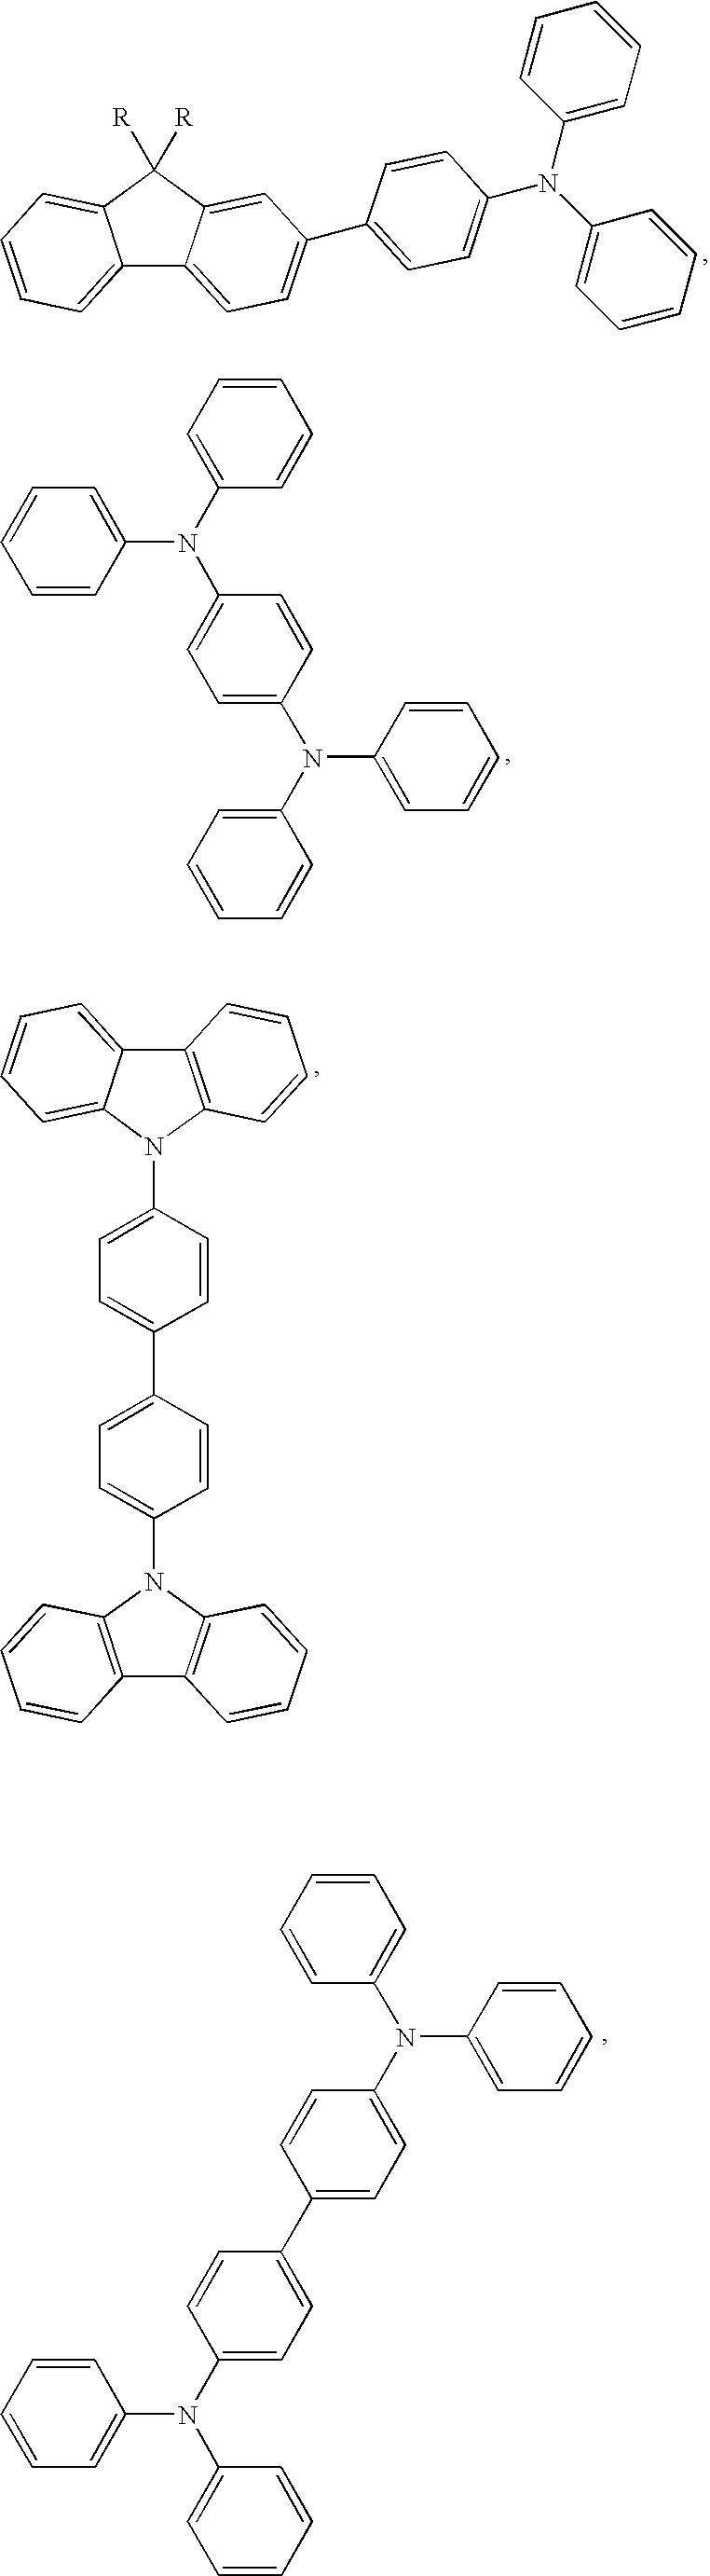 Figure US20070107835A1-20070517-C00013